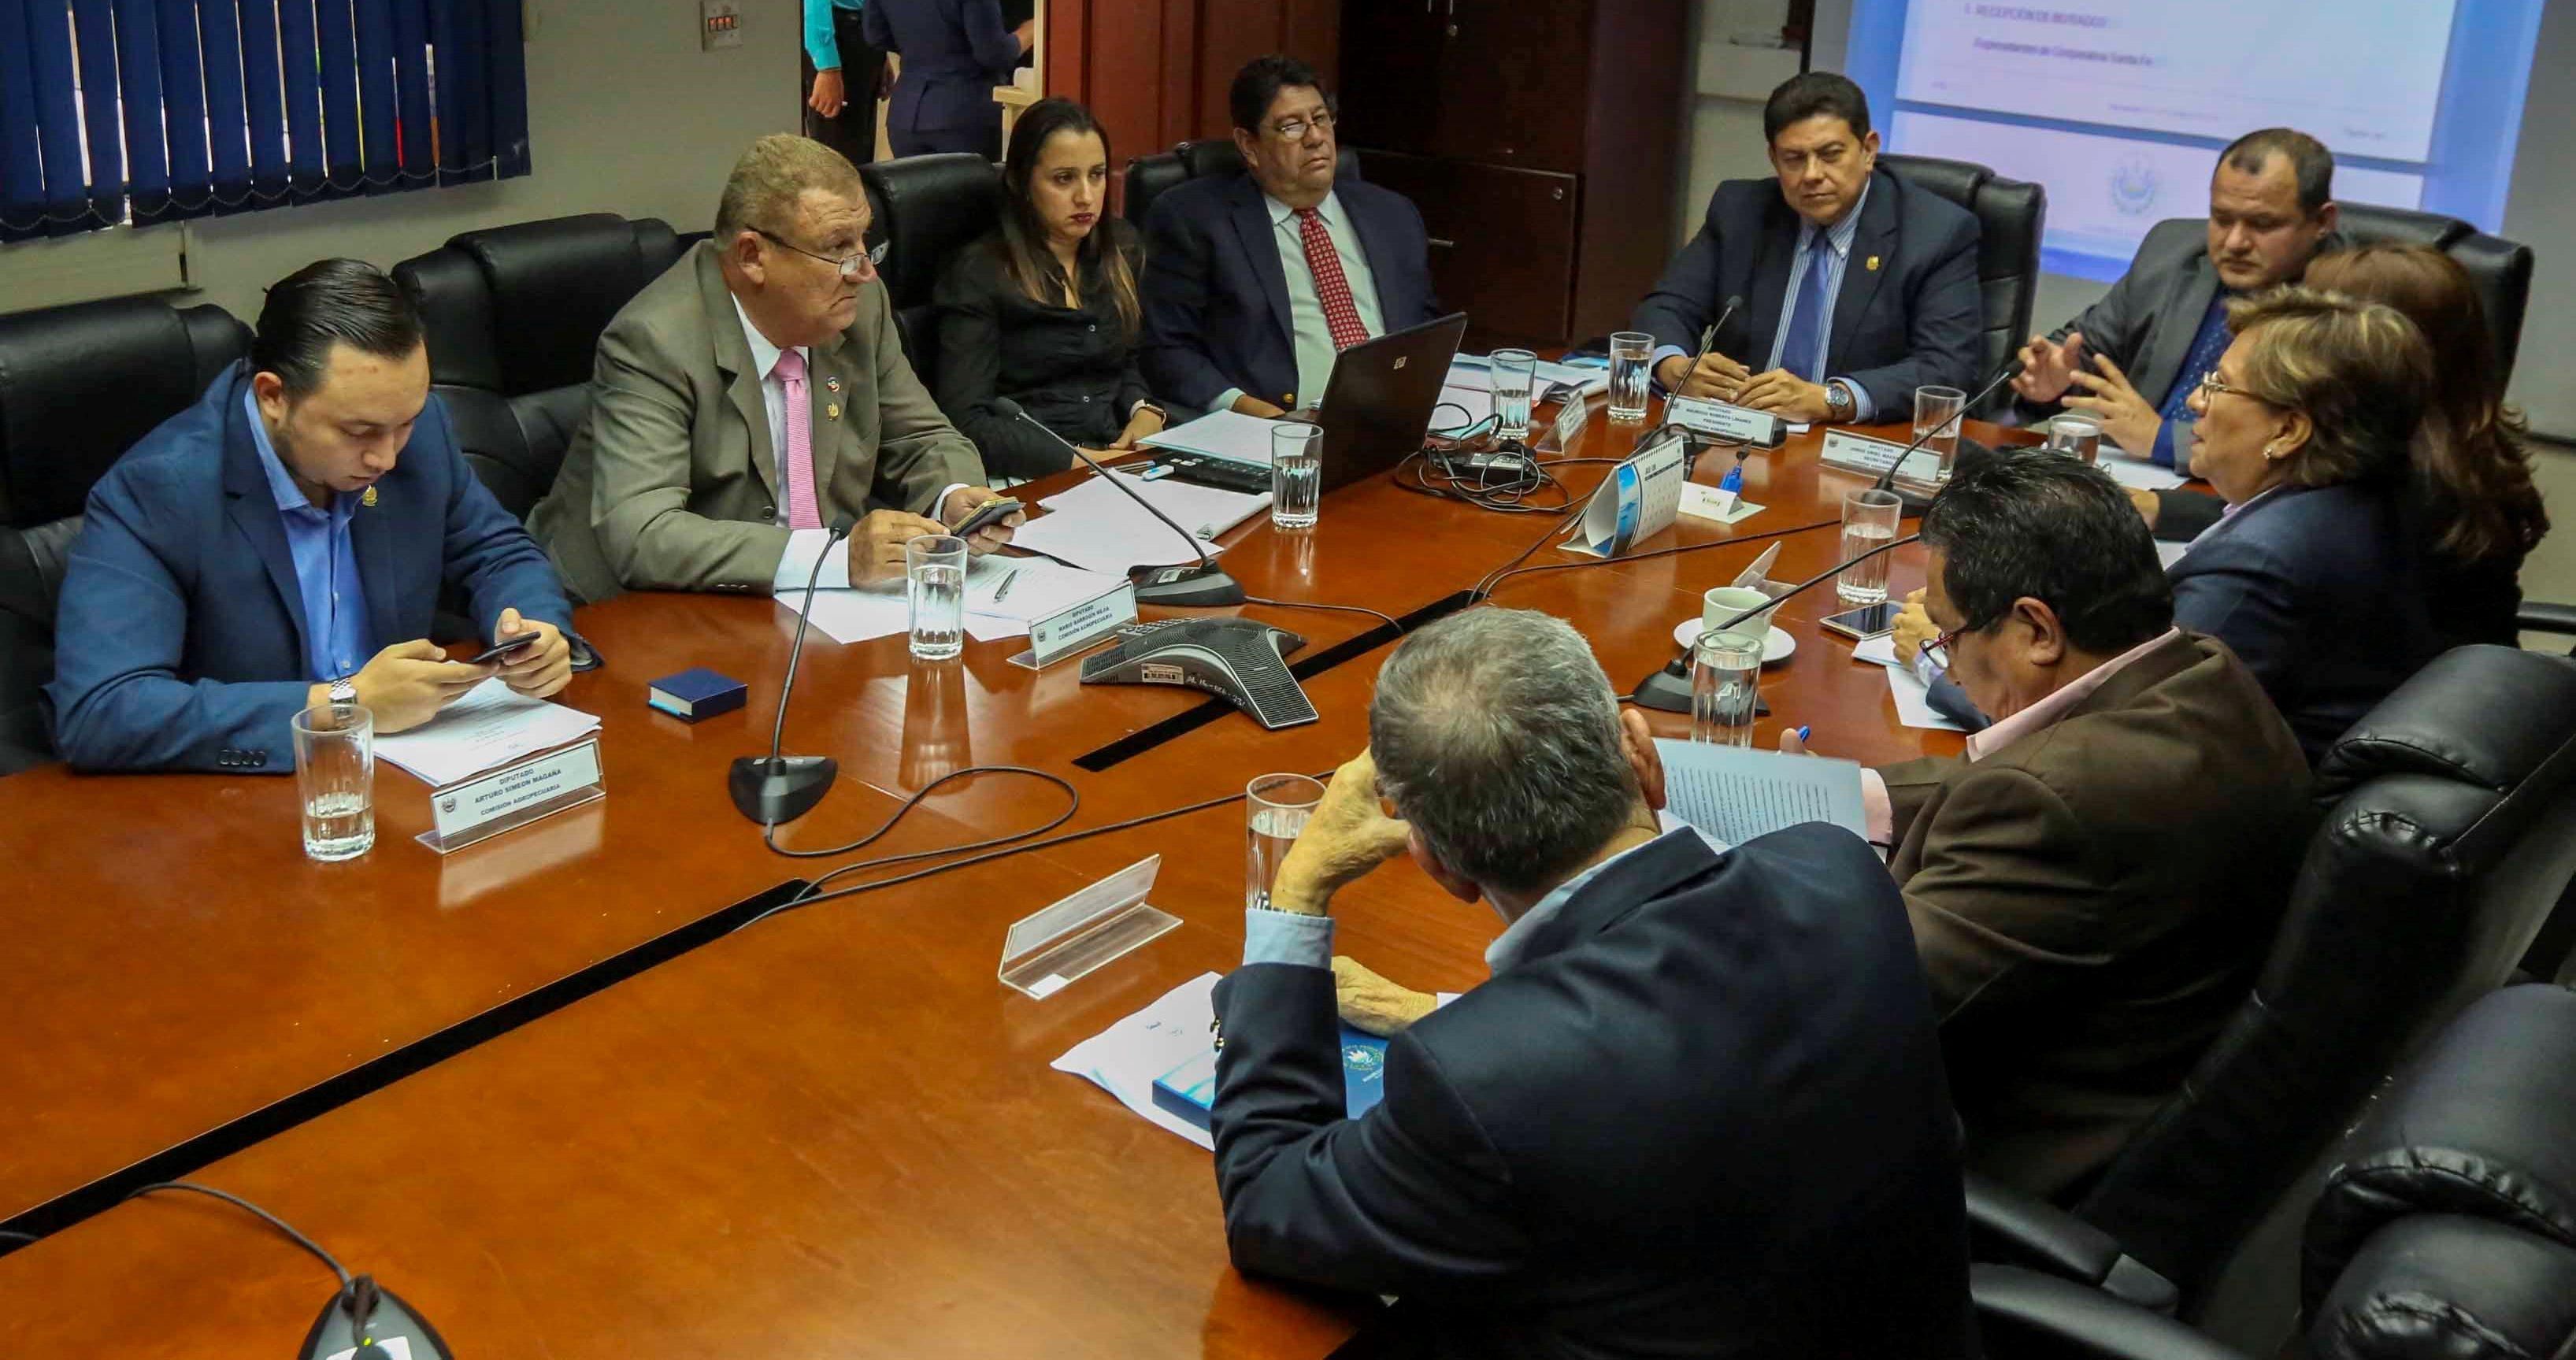 Diputados acuerdan visita al lugar donde el MAG pide crear distrito de riego El Porvenir